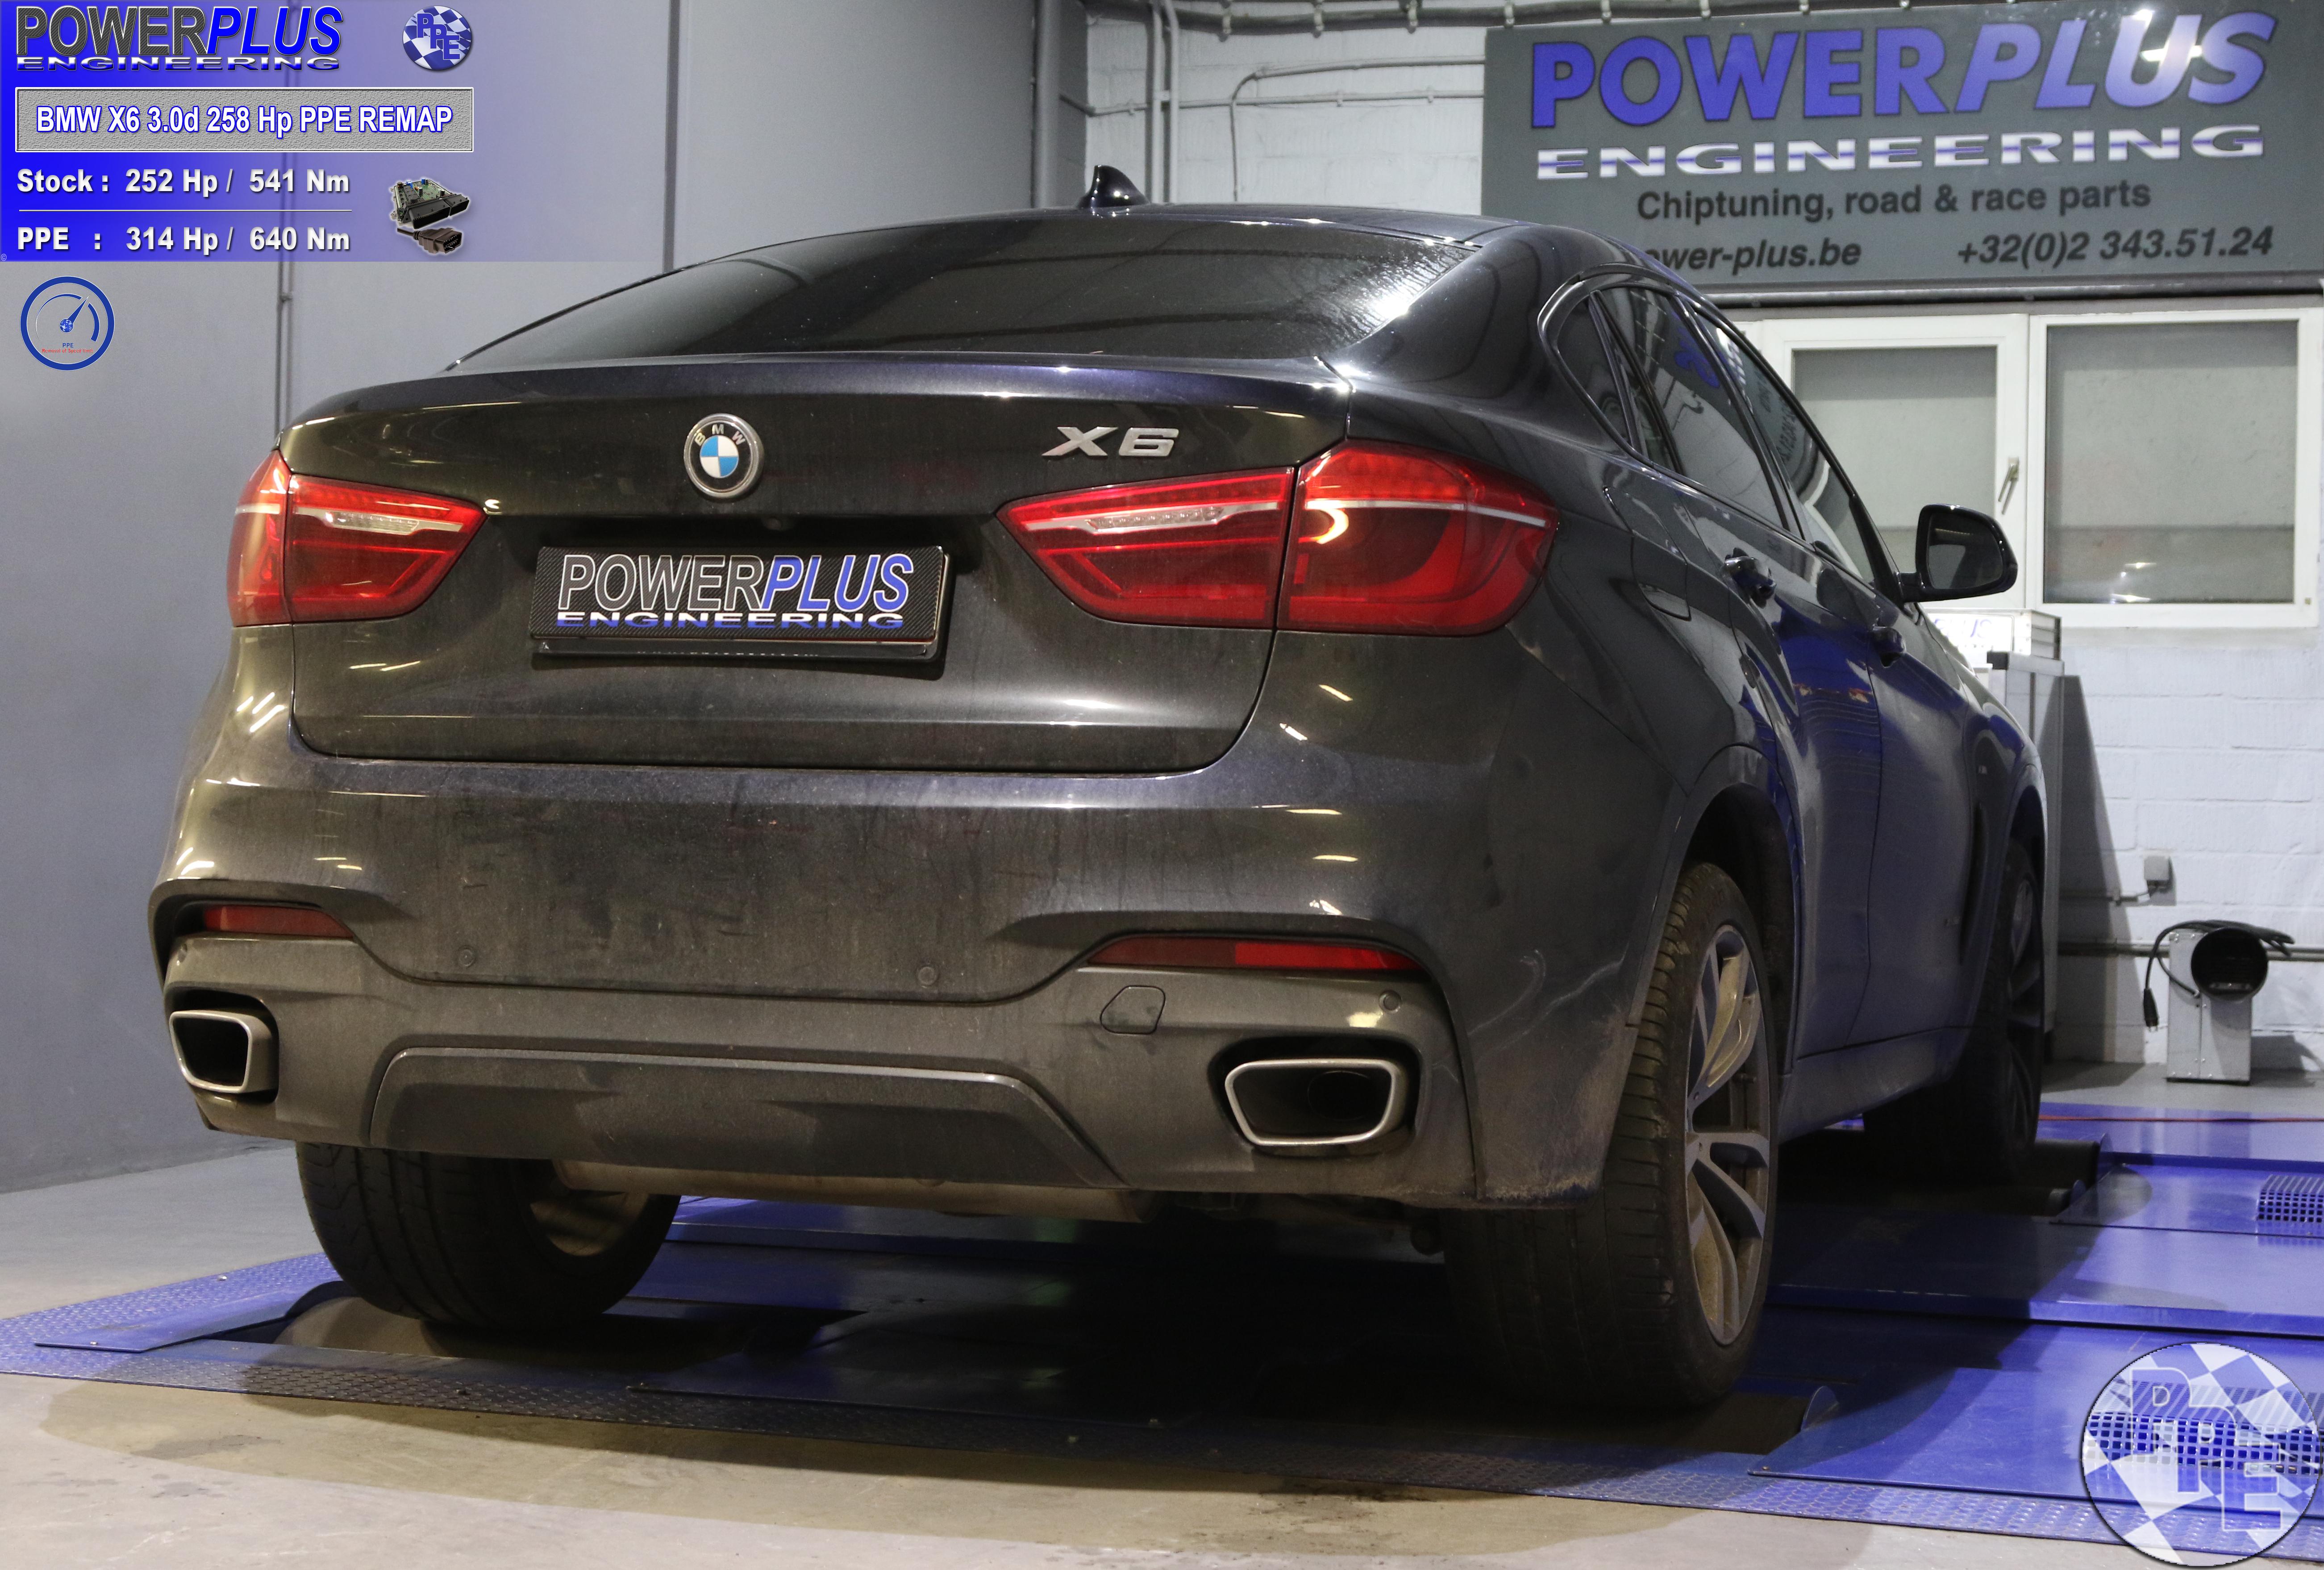 BMW X6 3 0d 258 Cv remapped to 314 Hp & 640 Nm